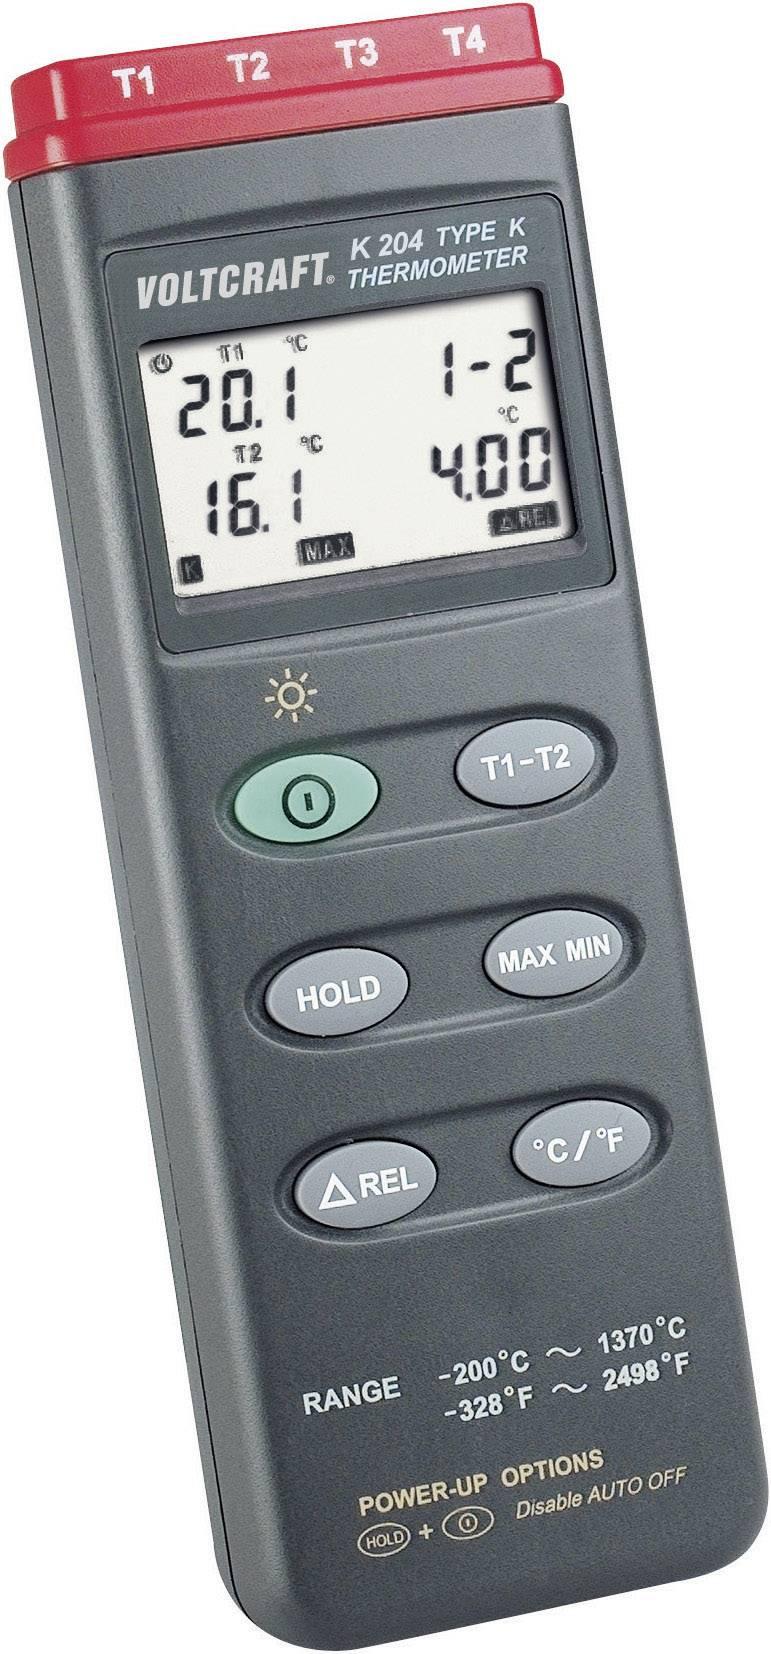 Digitální teploměr Voltcraft K204, -200 až +1370 °C